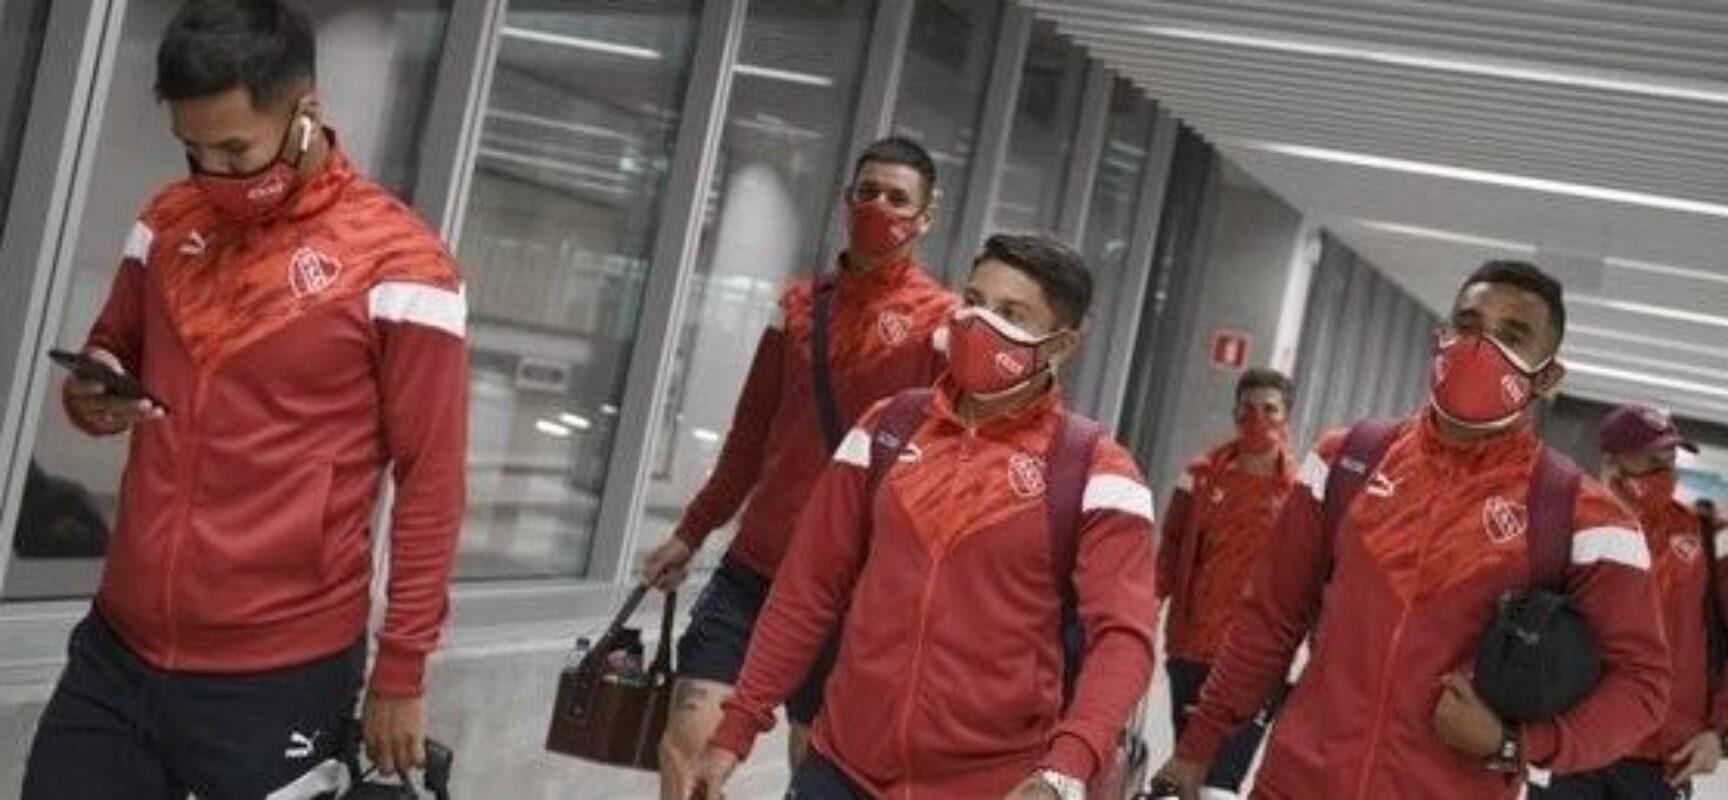 Atletas do Independiente testam positivo para Covid-19 e partida contra o Bahia é adiada